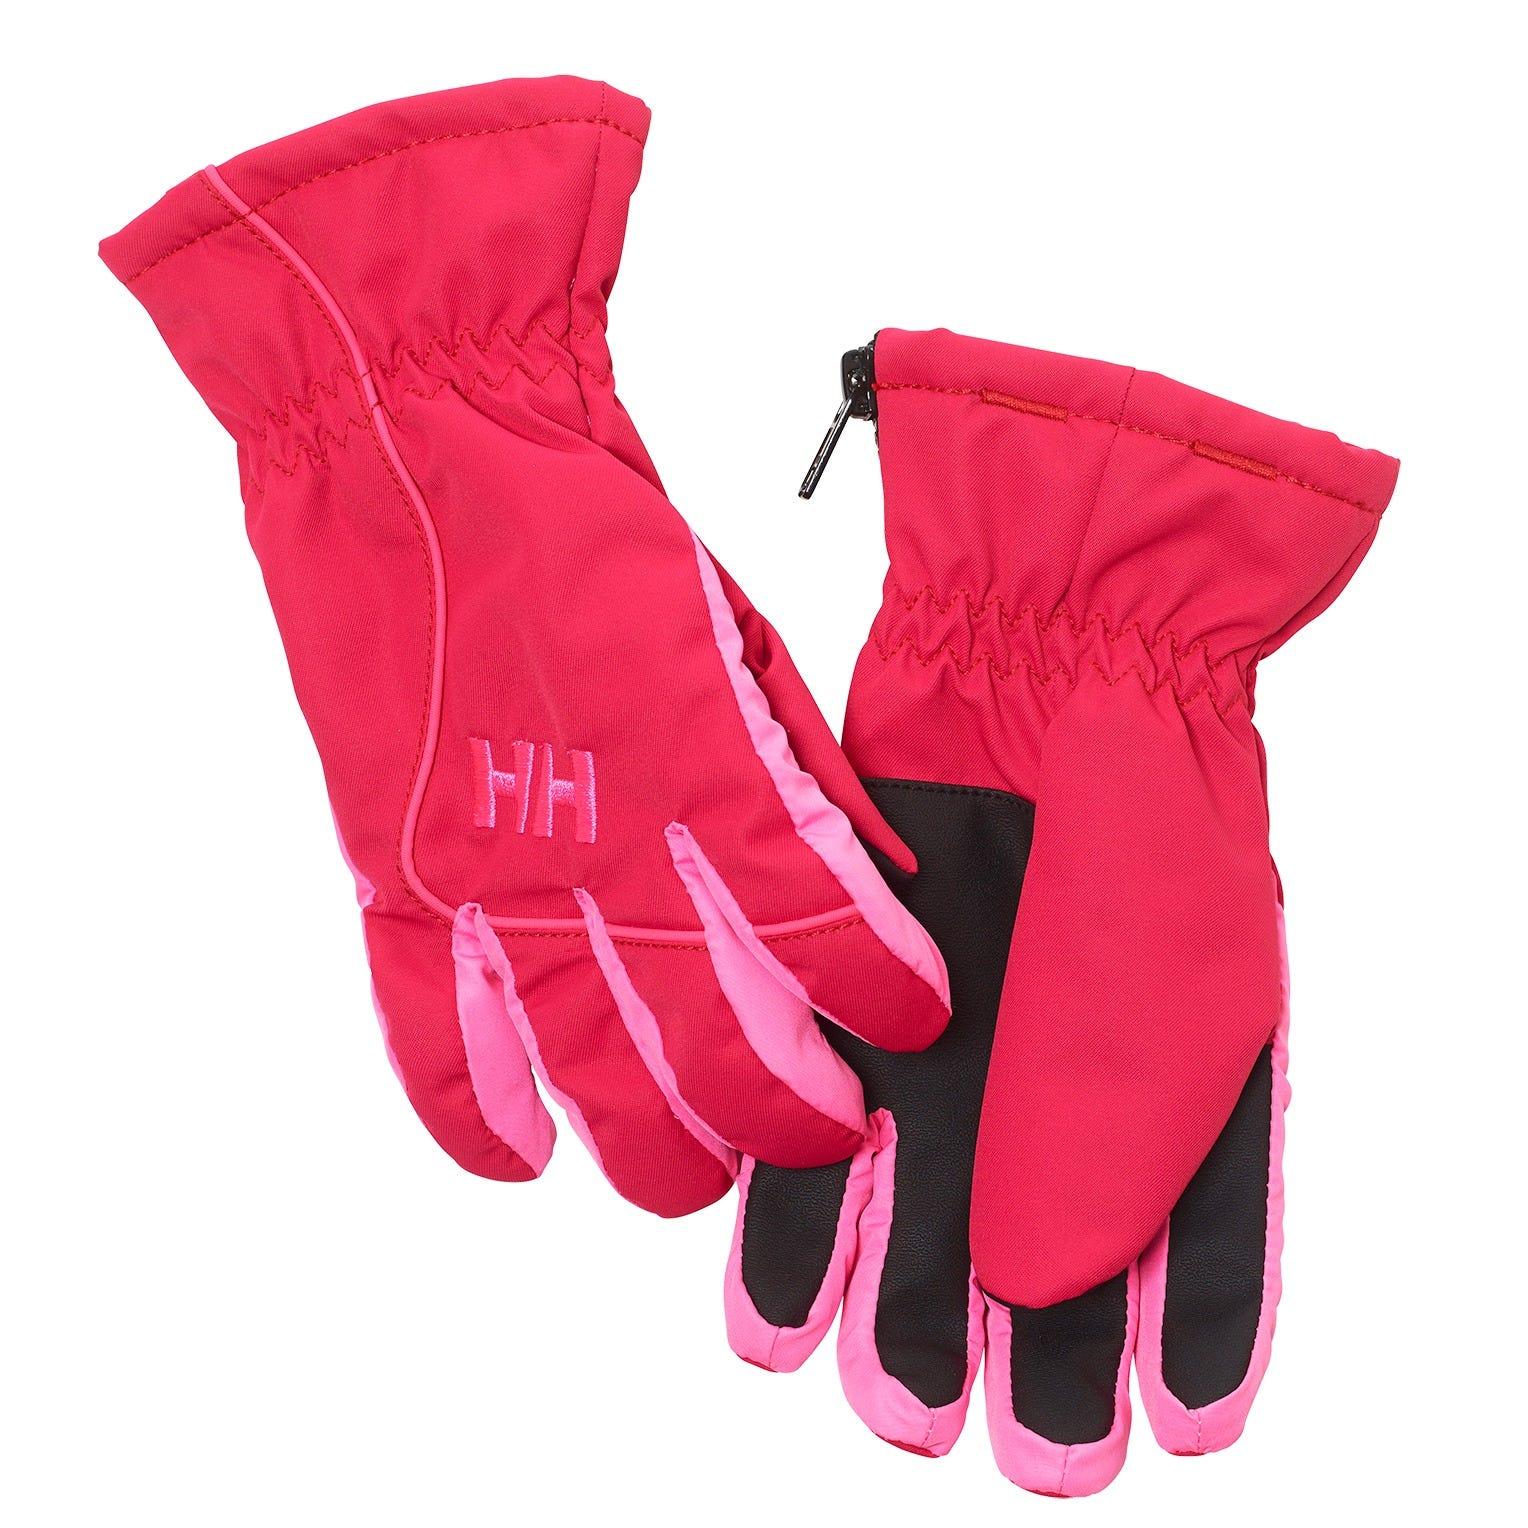 Helly Hansen J/k Tyro Glove Kids Purple S